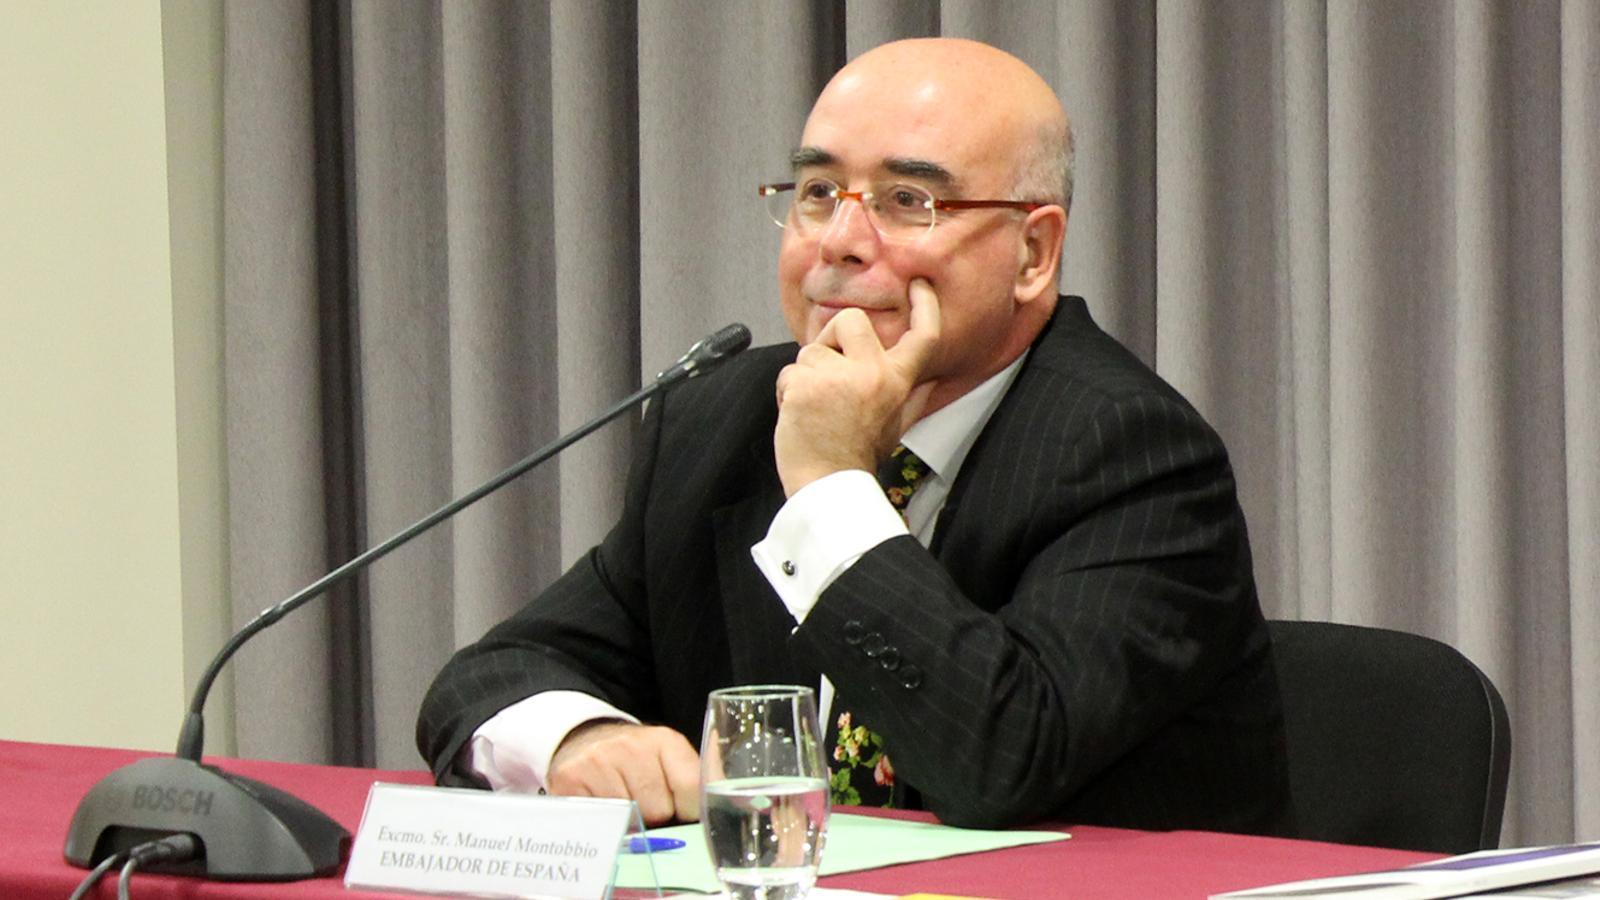 L'ambaixador d'Espanya a Andorra, Manuel Montobbio, durant un acte del passat mes de novembre. / M. M. (ANA)